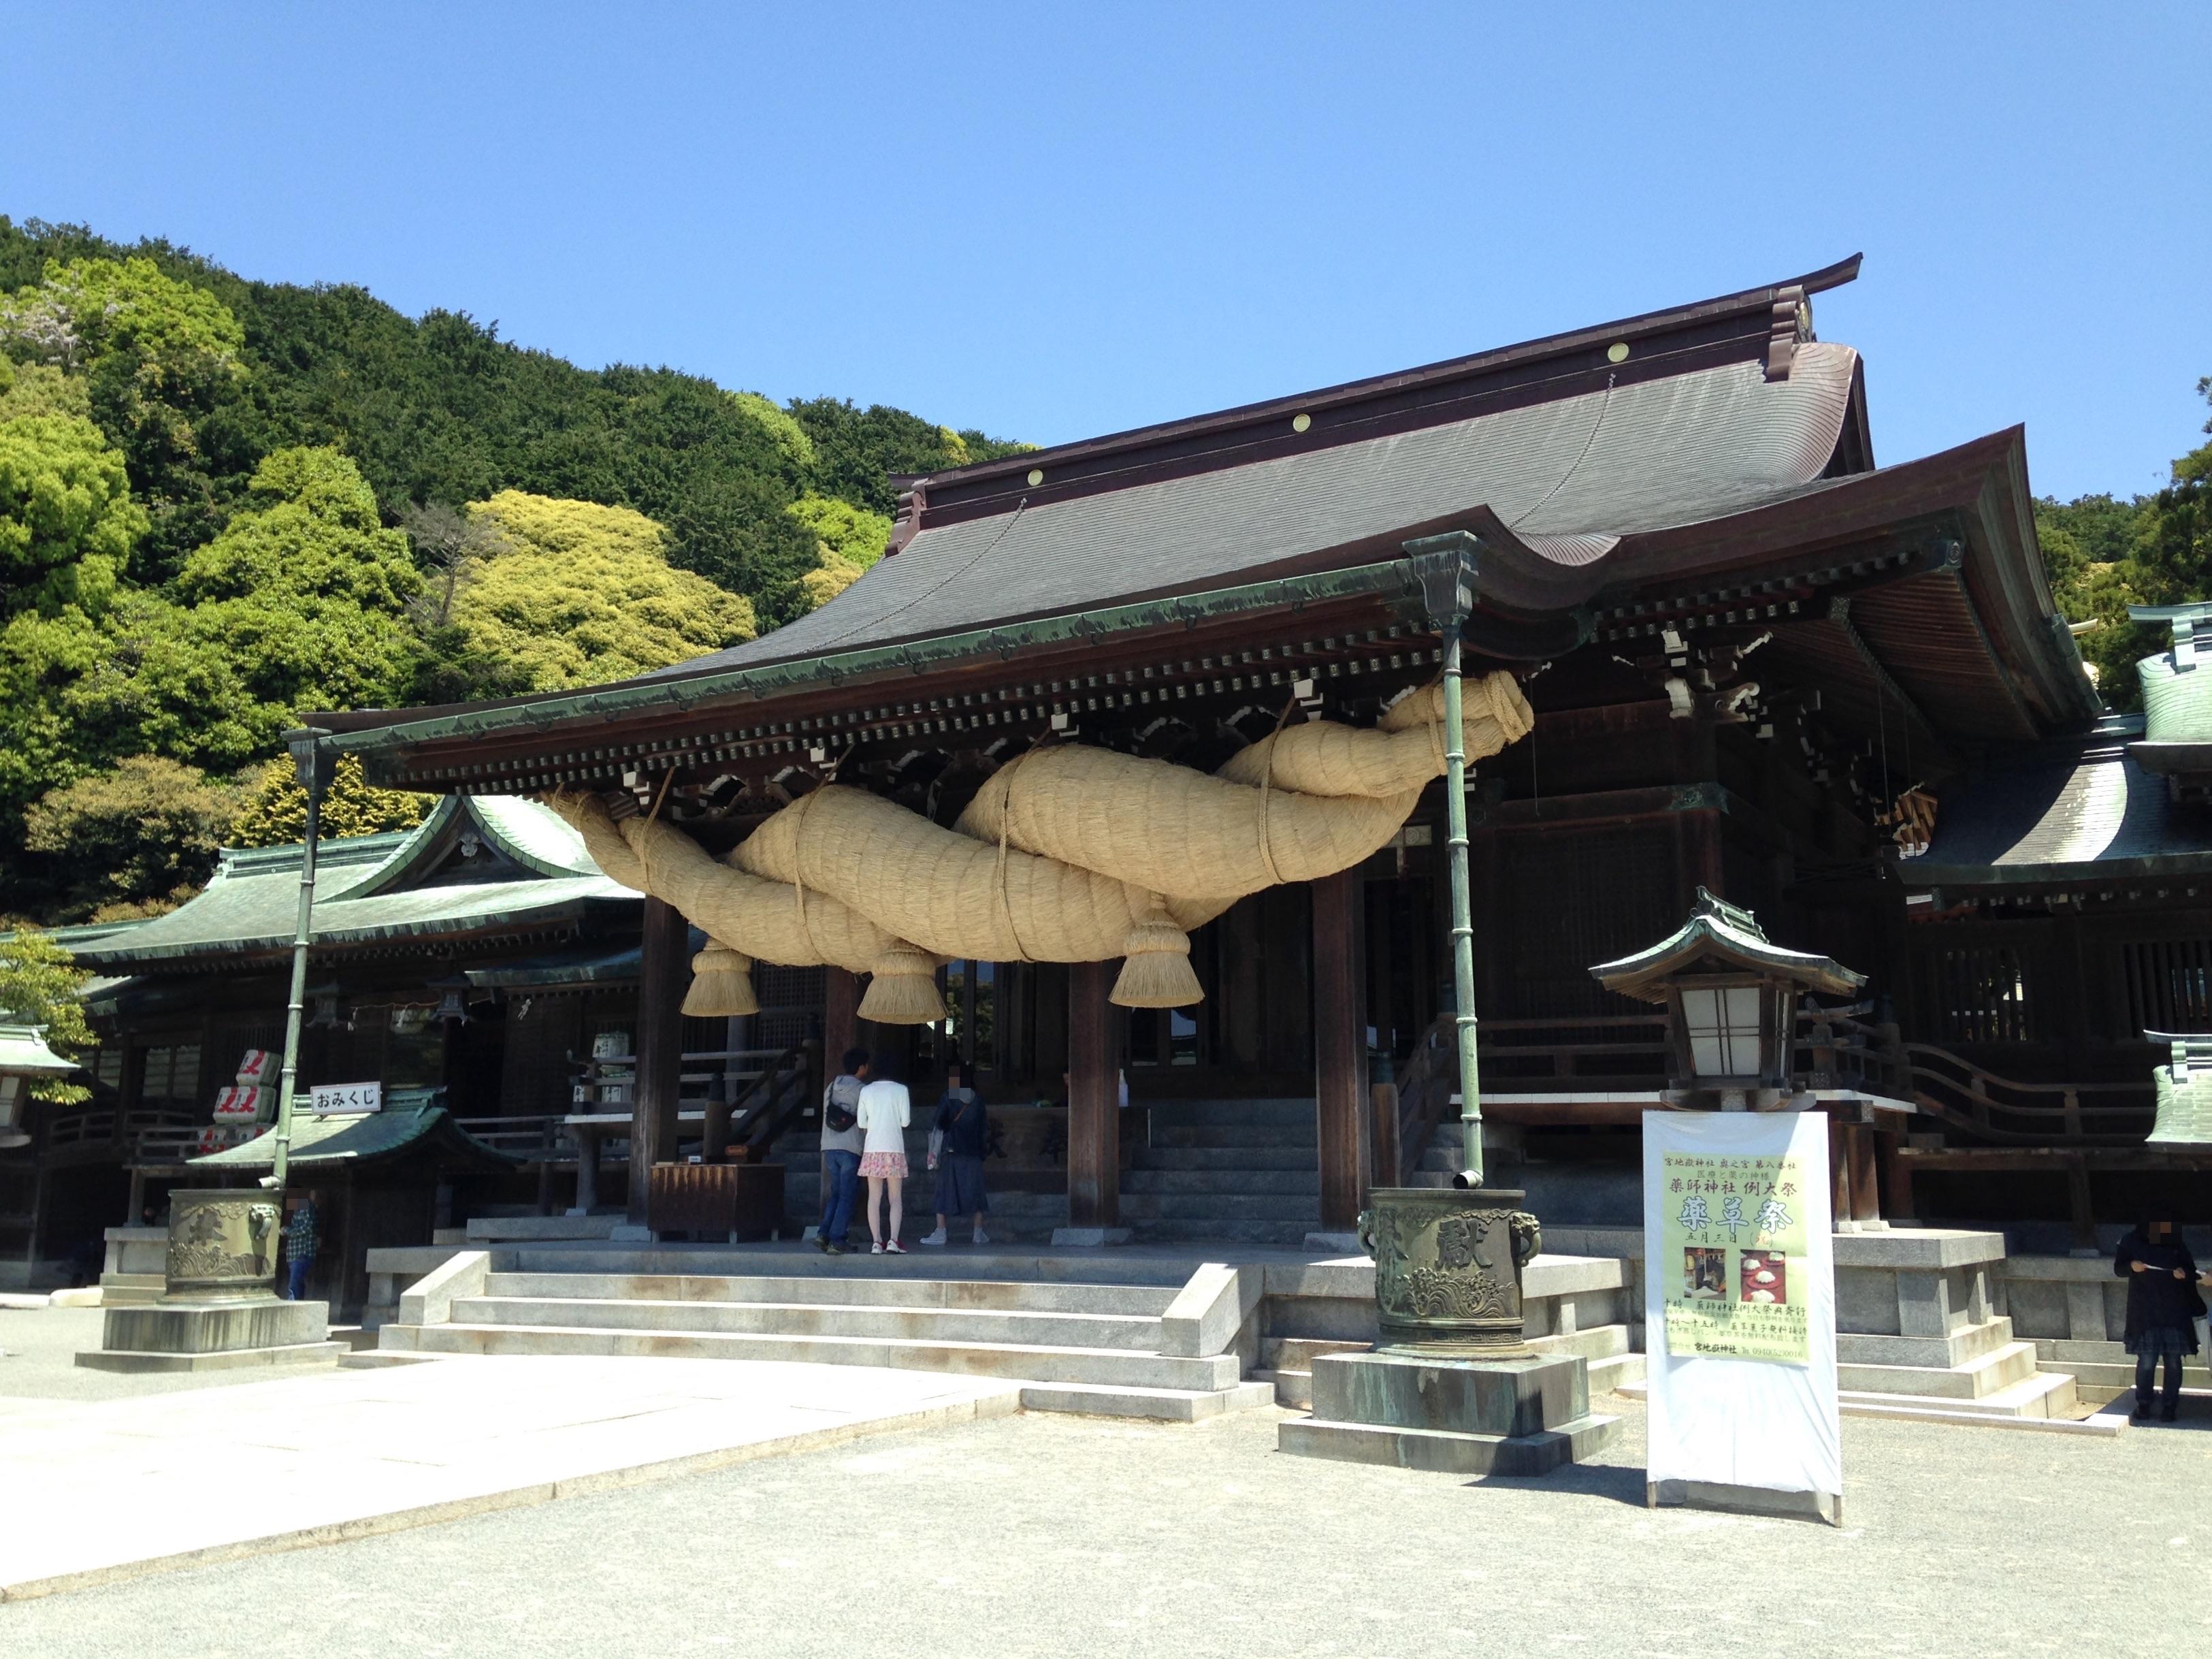 https://upload.wikimedia.org/wikipedia/commons/6/66/Haiden_of_Miyajidake_Shrine.JPG